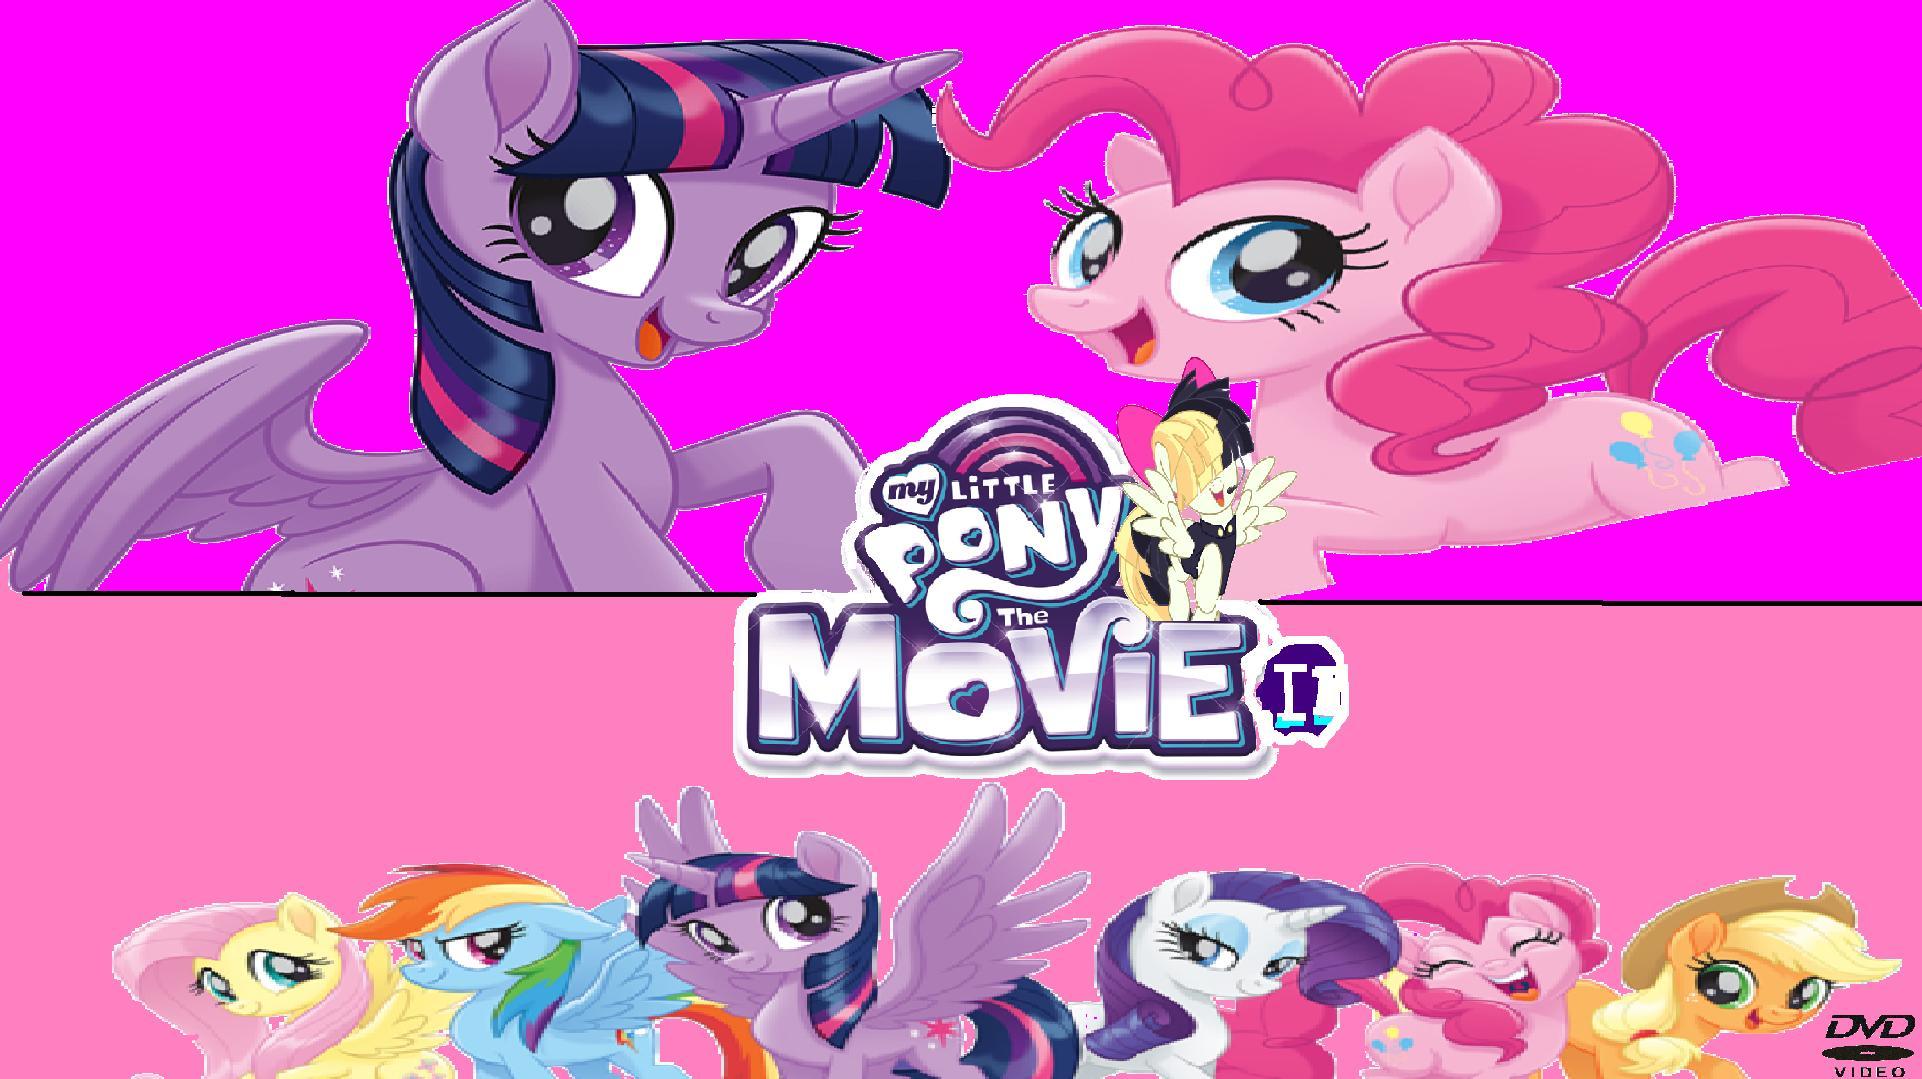 Dvd Coverjpg My Little Pony The Movie 2 Wallpaper